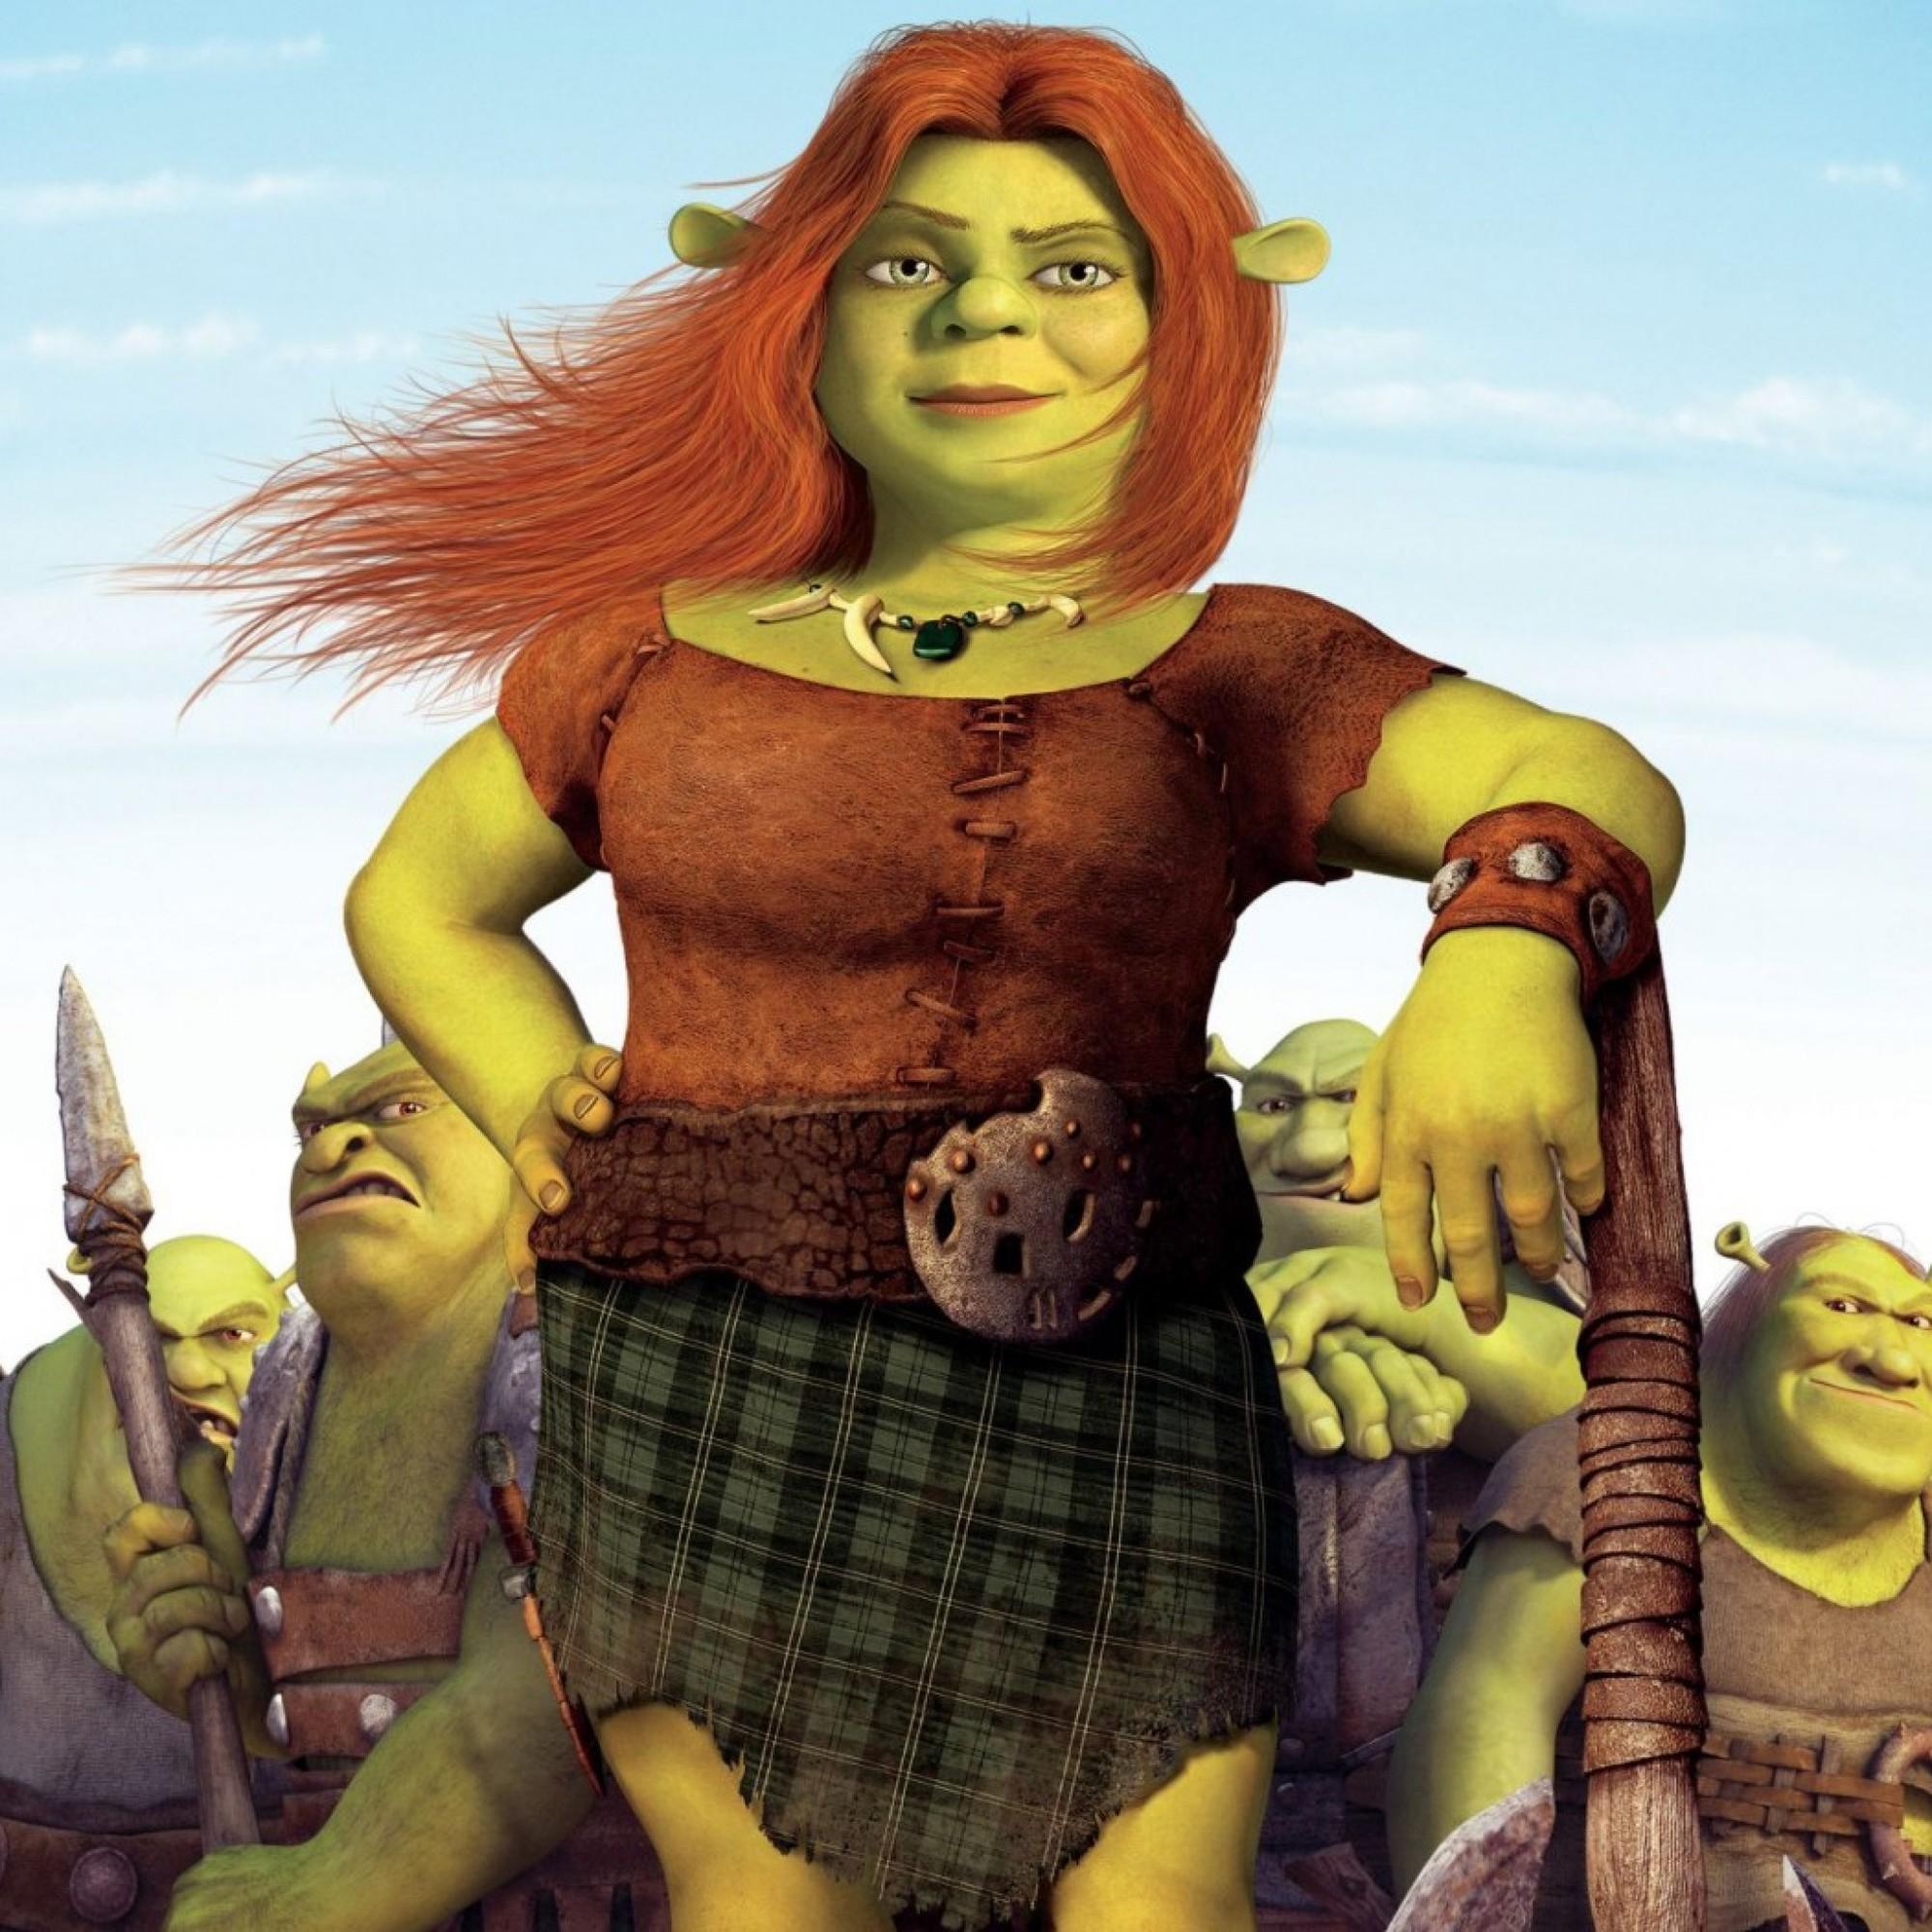 Fiona-Wallpapers-Shrek-2-12.jpg